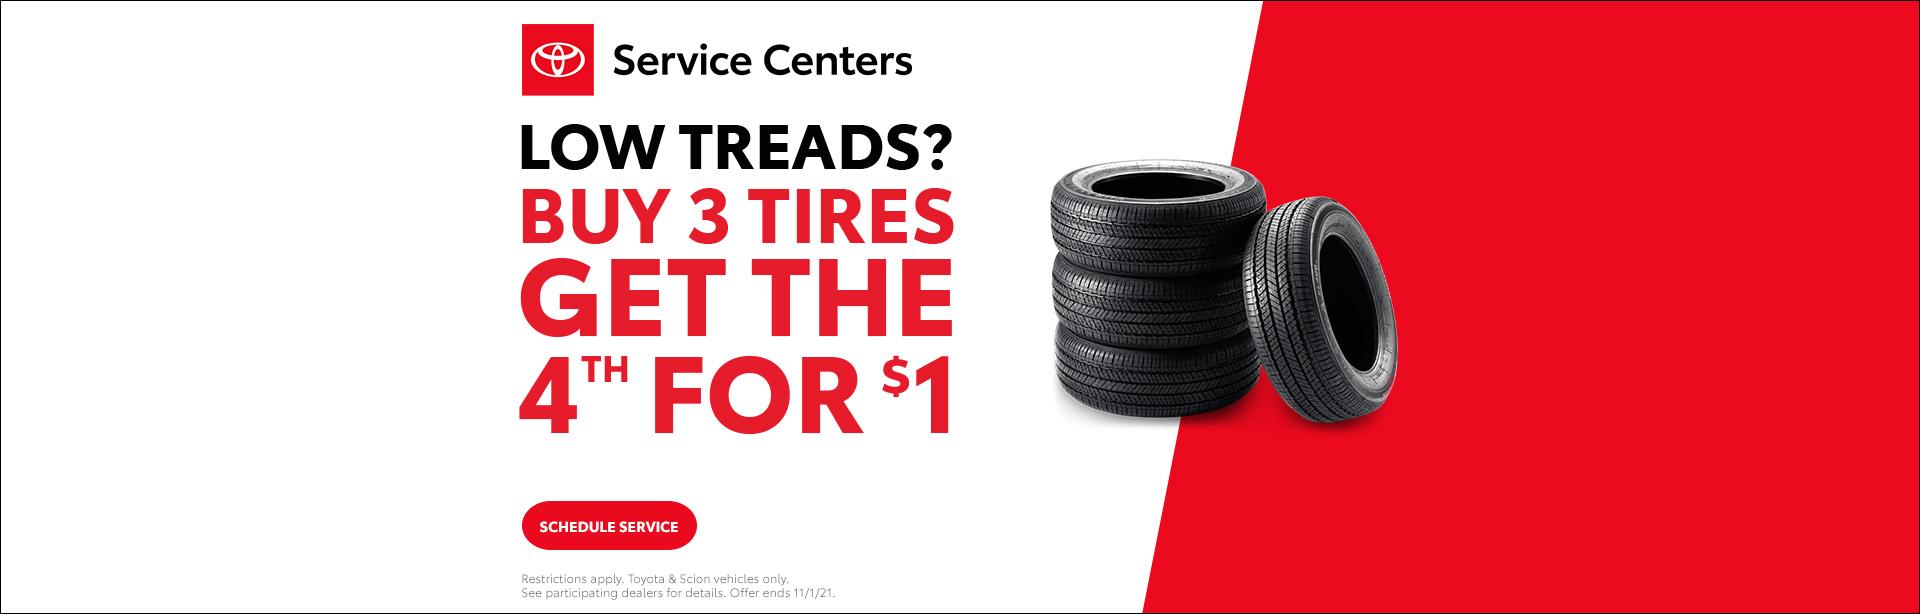 10-21_01_LA-September-2021-NAT-Buy-3-Tires---LA_1920x614_7390_All-Models_R_xta.jpeg